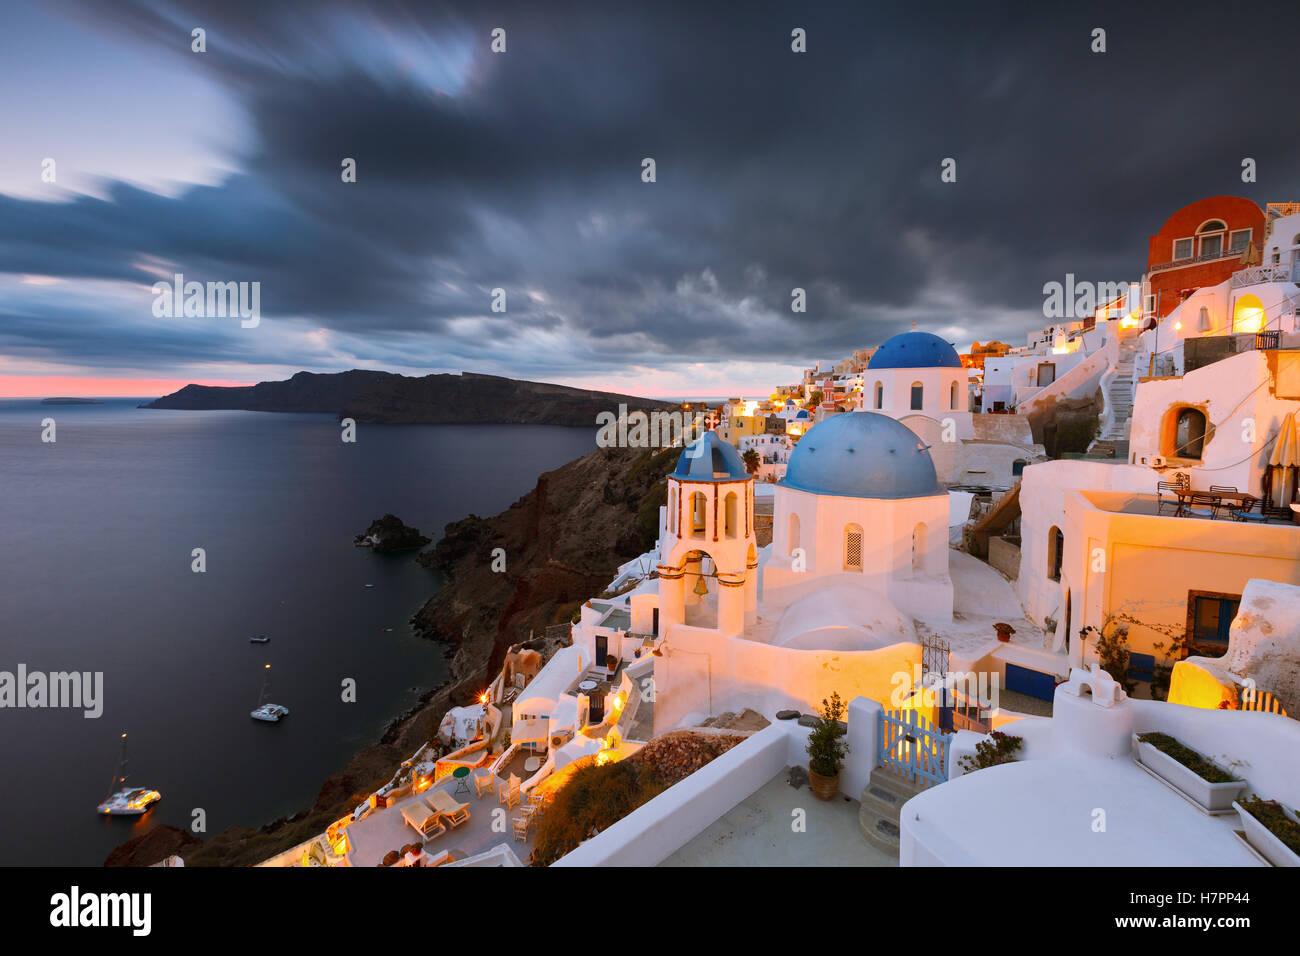 Ver aldea de Oia, en la isla de Santorini en Grecia. Imagen De Stock